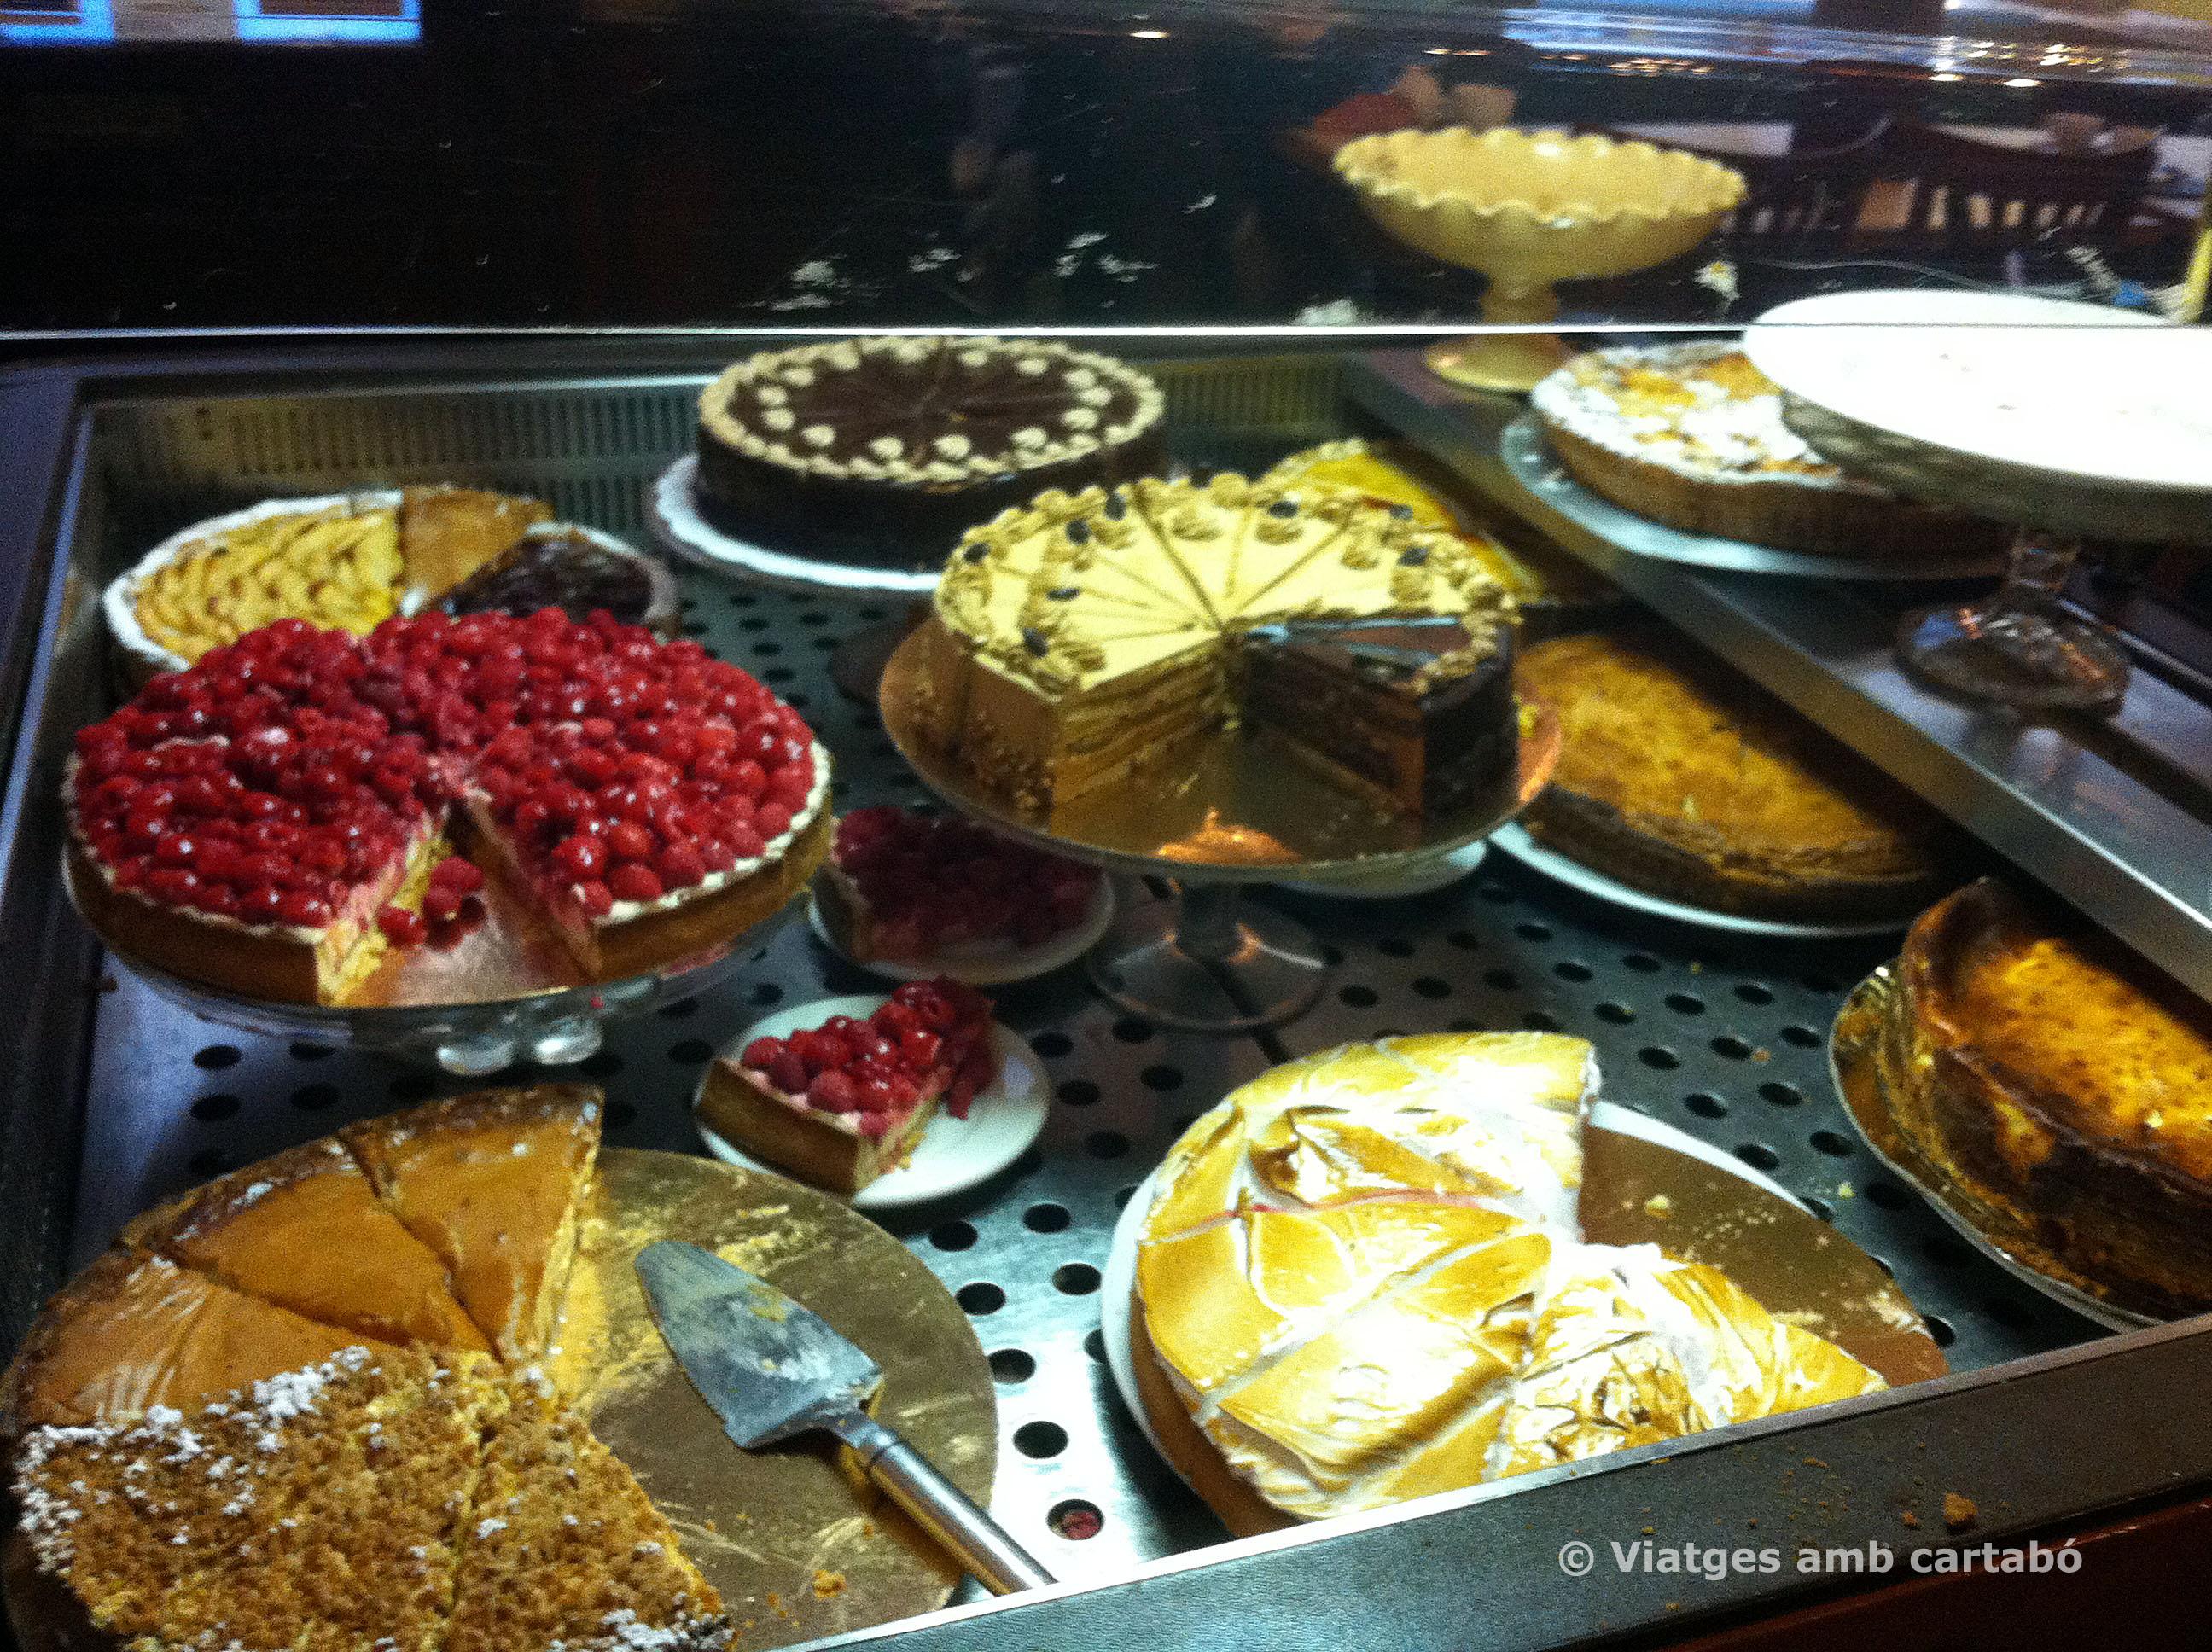 Carro pastissos Le Mocafé